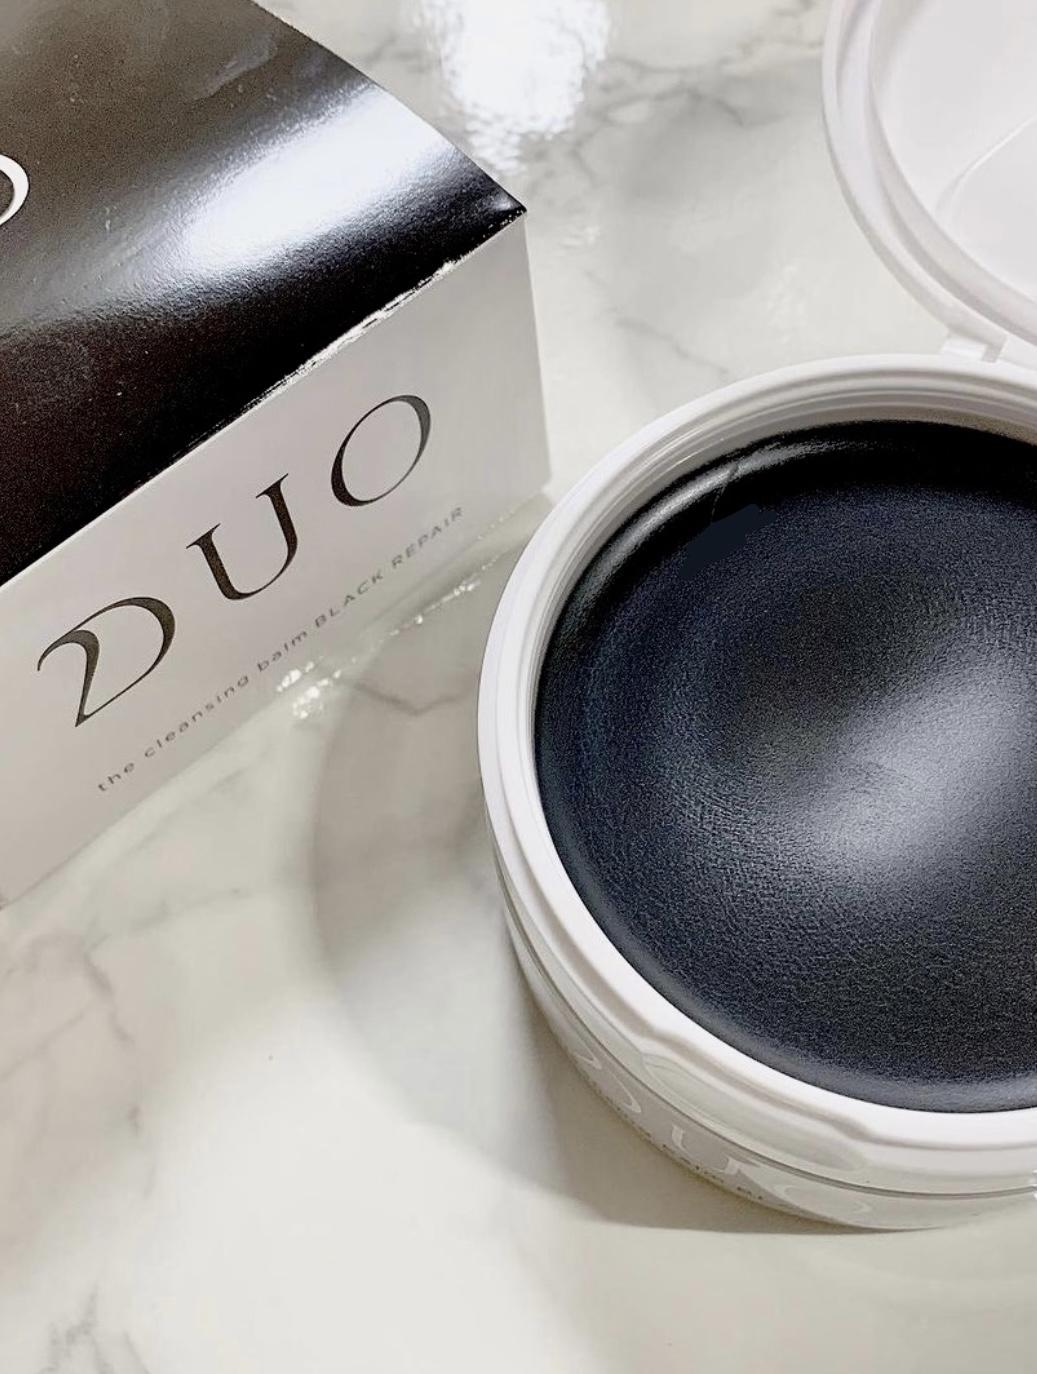 圧倒的【黒】DUO全種類使用した私のブラックレポ♡_1